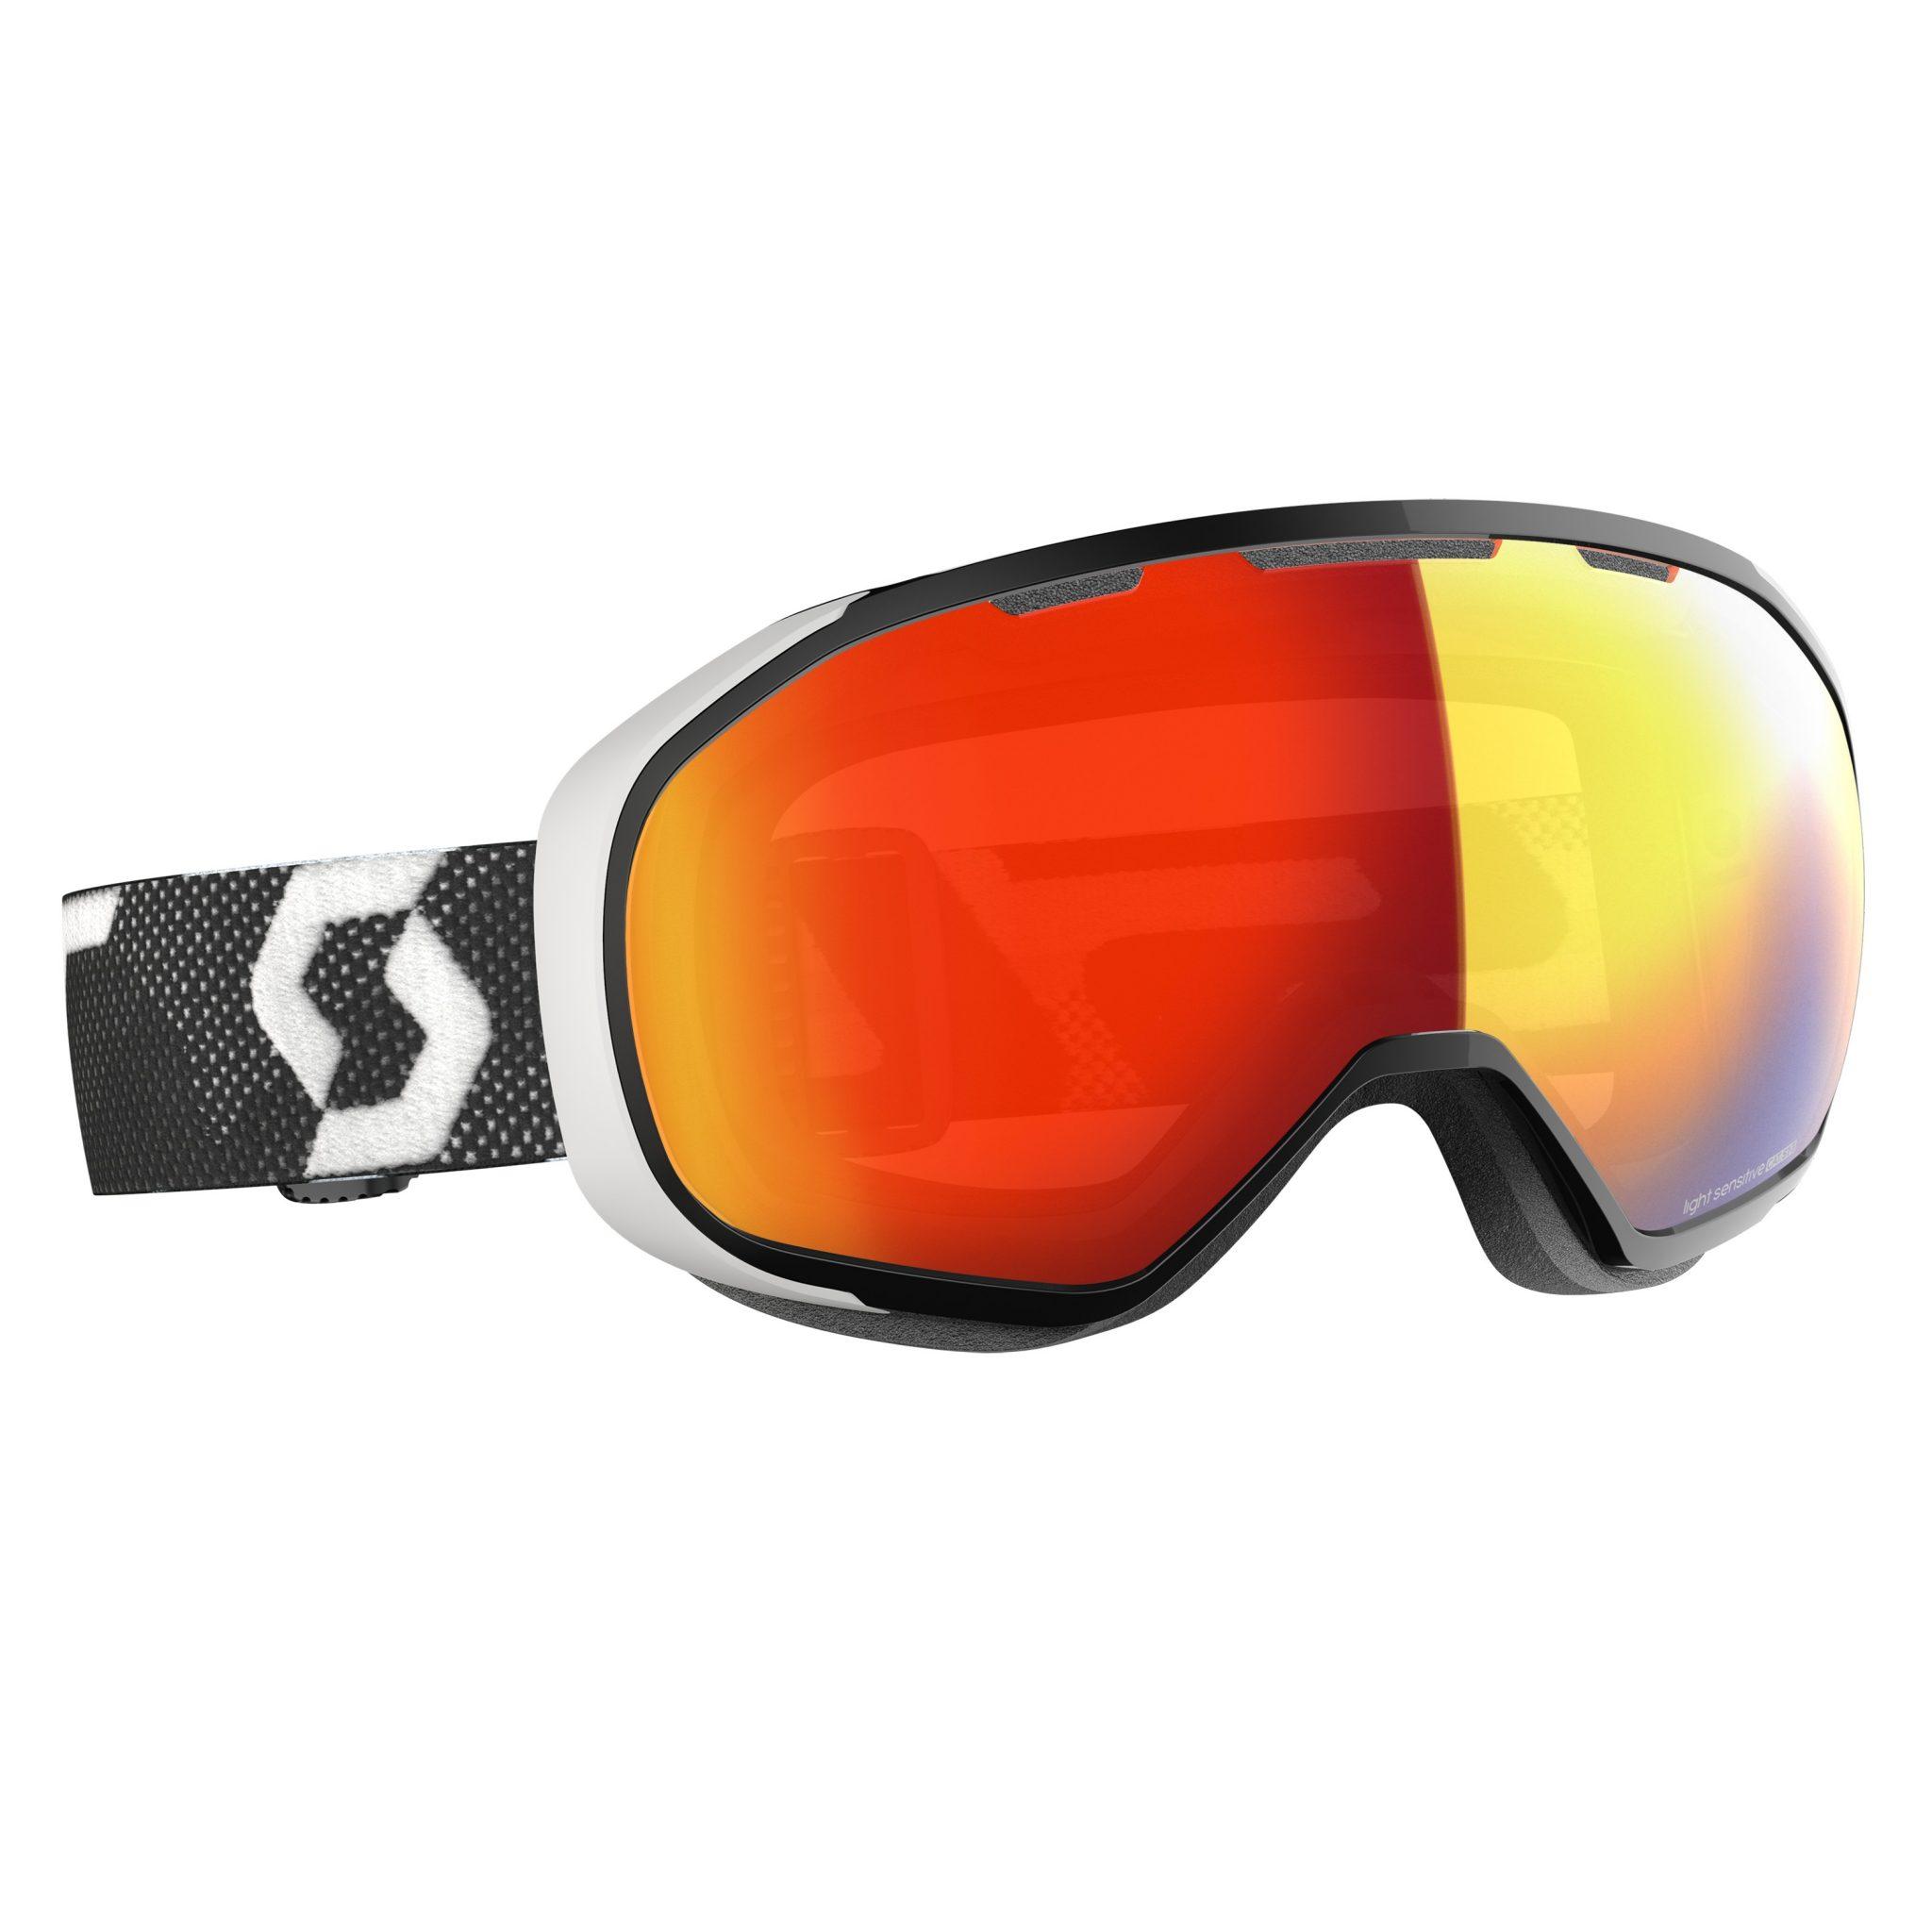 Scott Fix Light Sensitive Goggle - Black/White LS Red Chrome - Front View